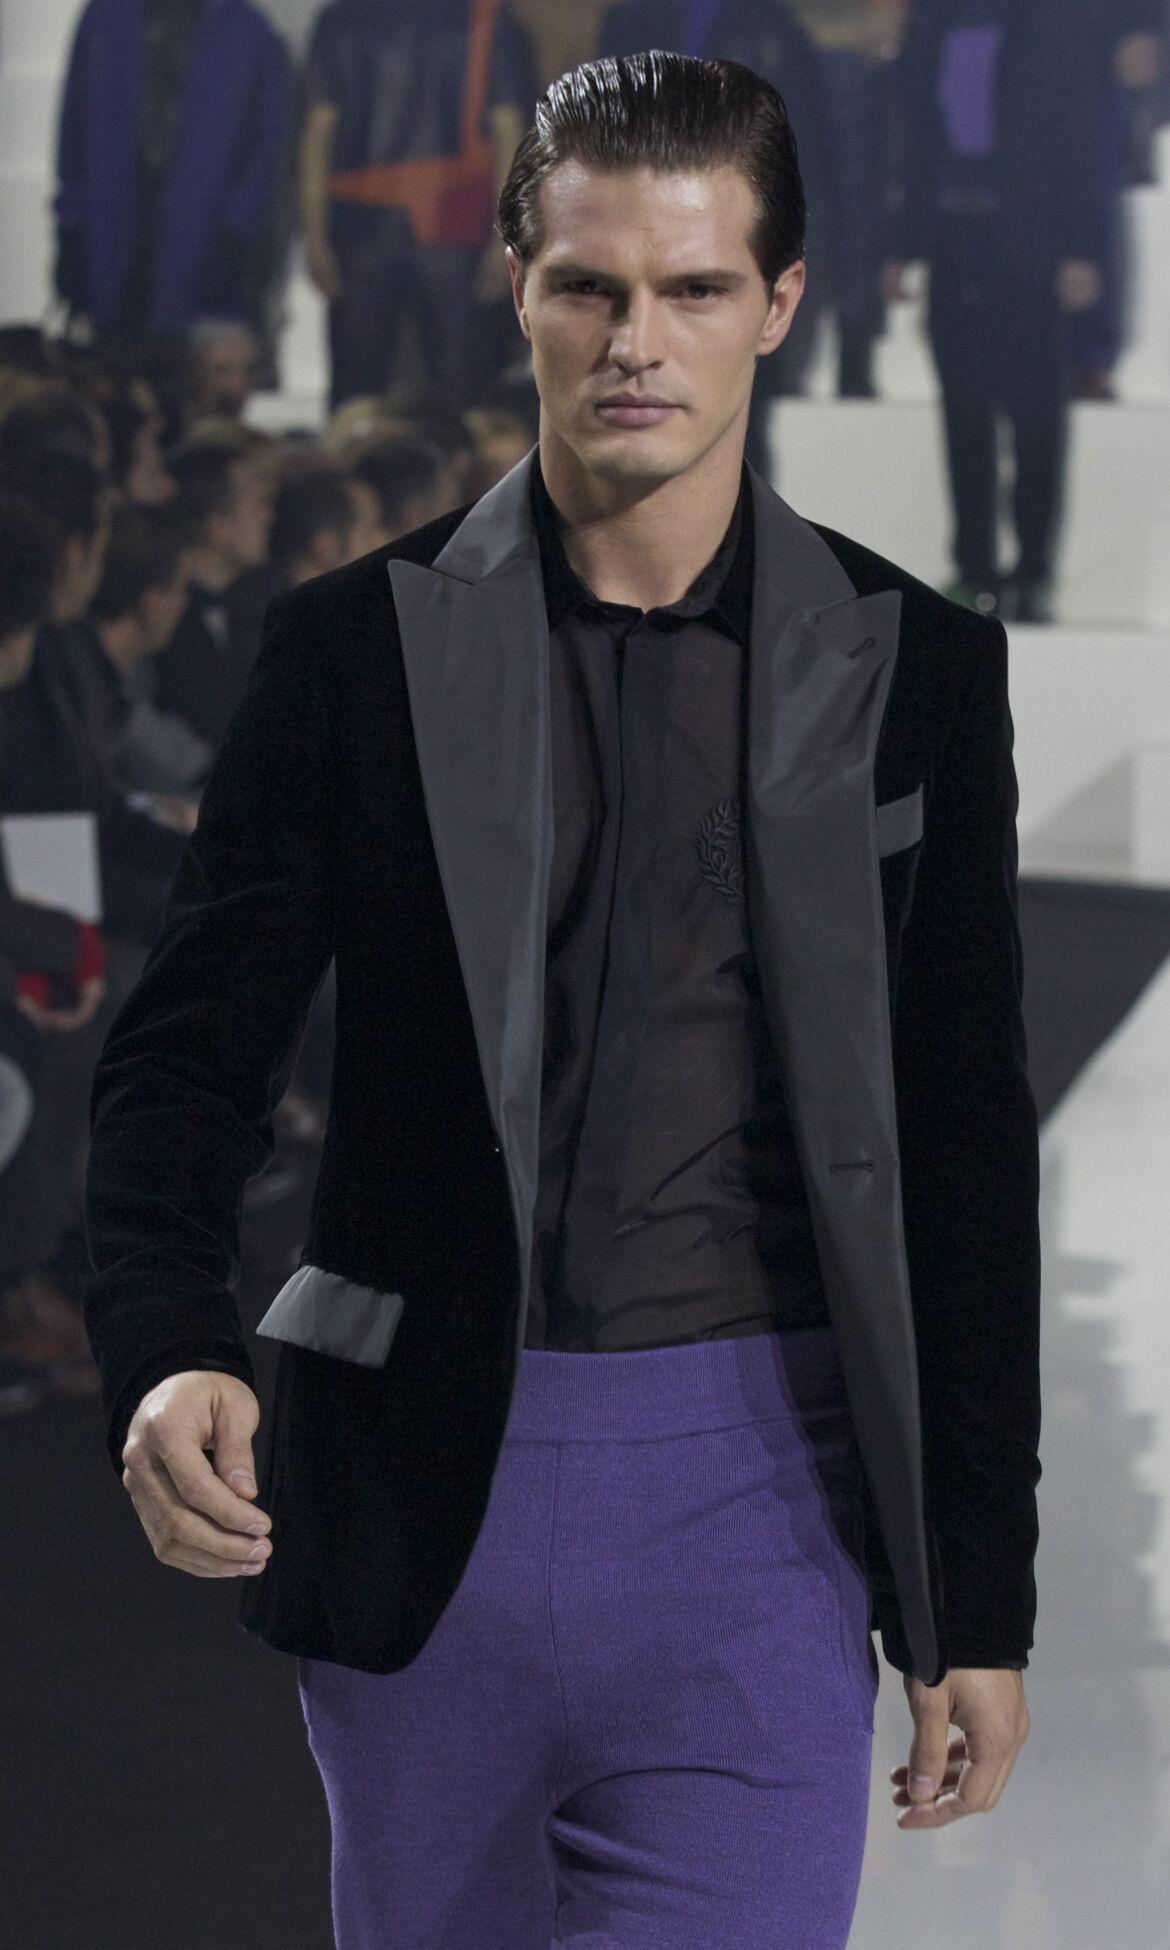 Catwalk Dirk Bikkembergs Fall Winter 2013 14 Men Collection Milano Fashion Week